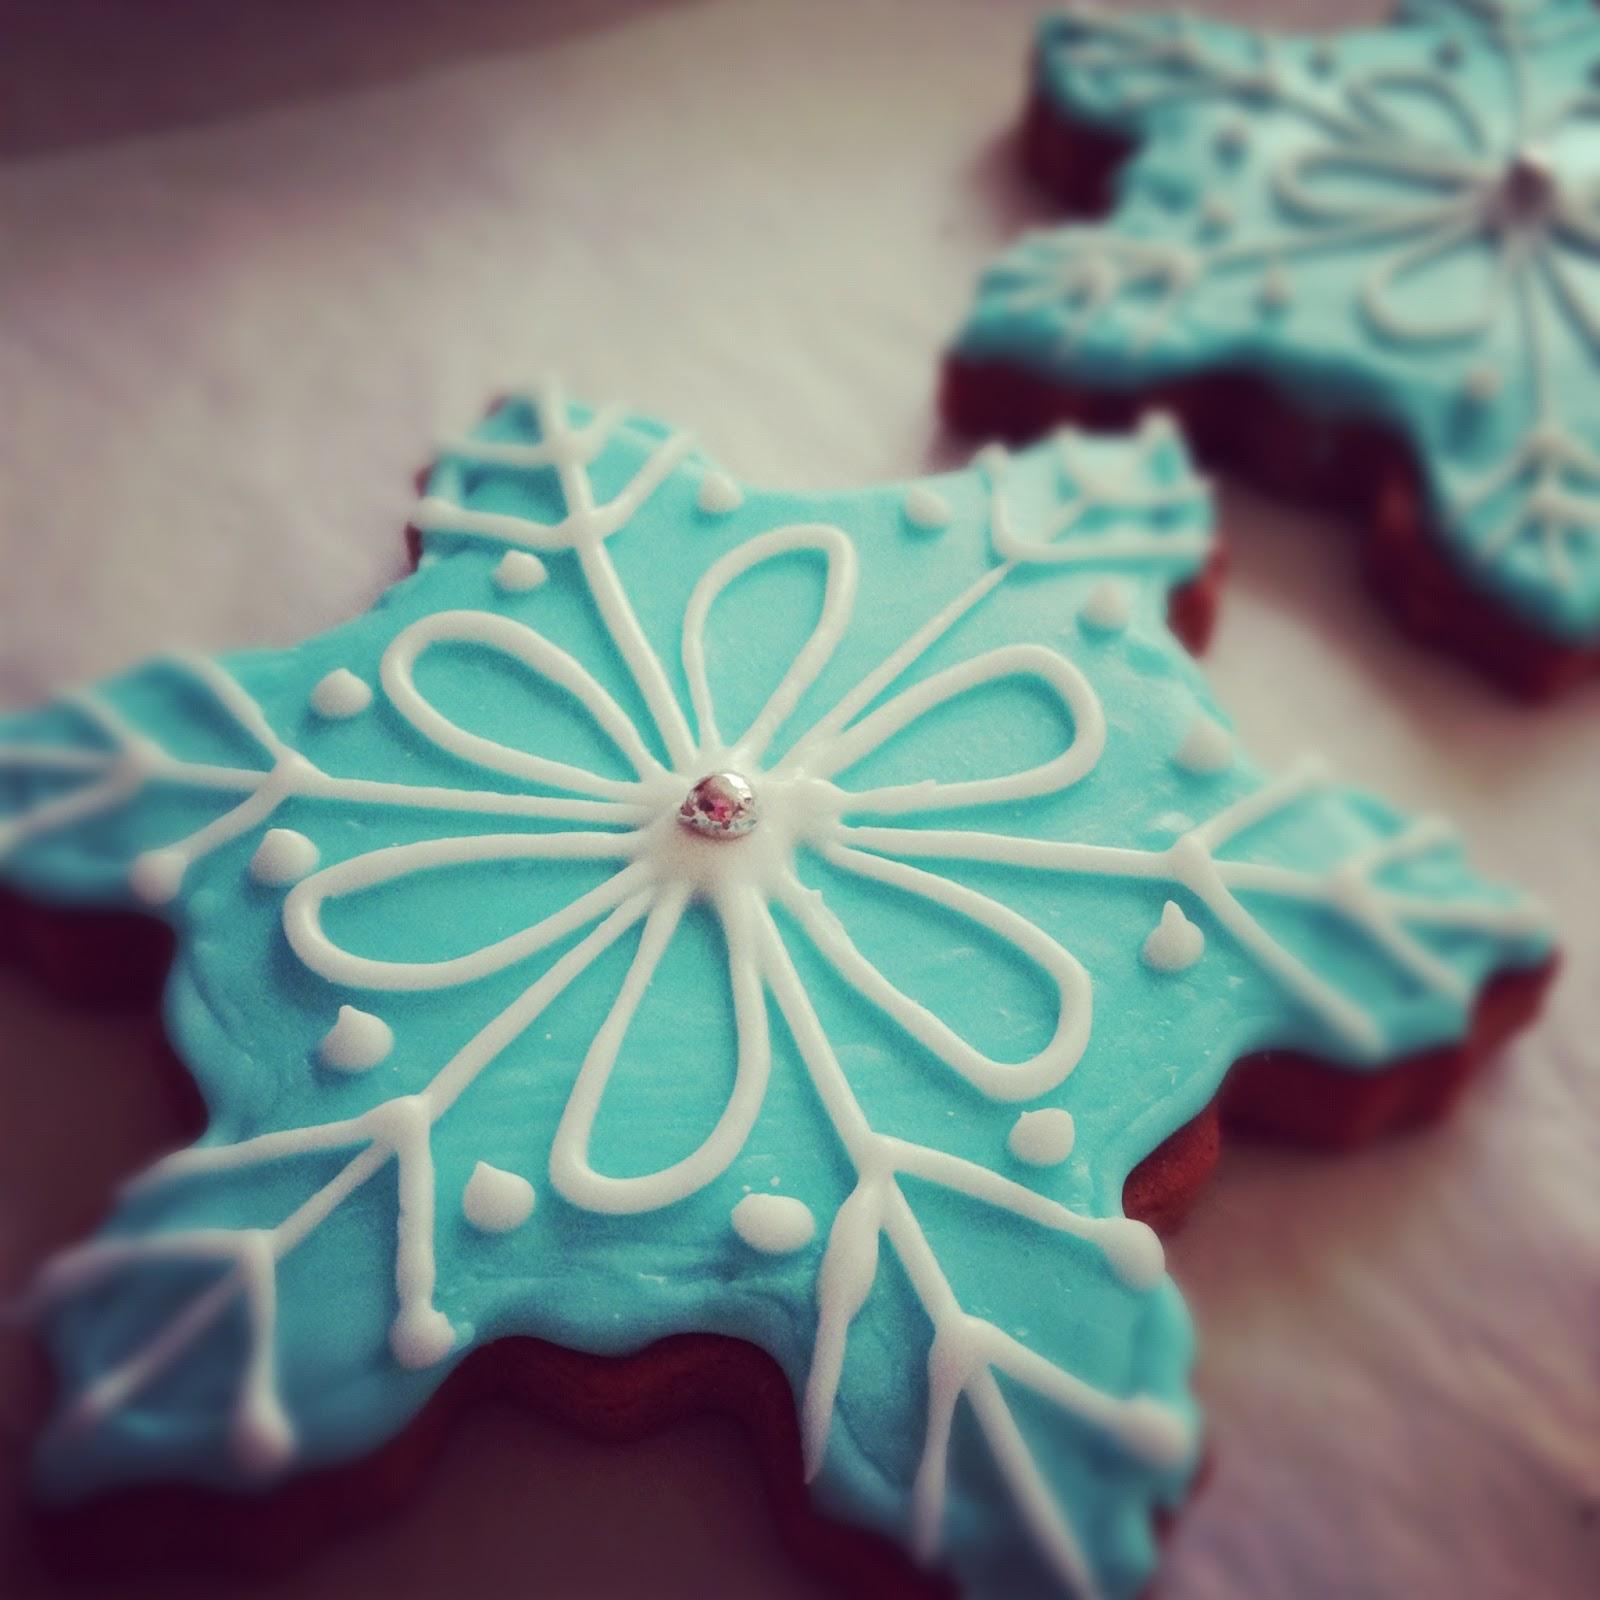 Homemade Gingerbread snowflake cookies